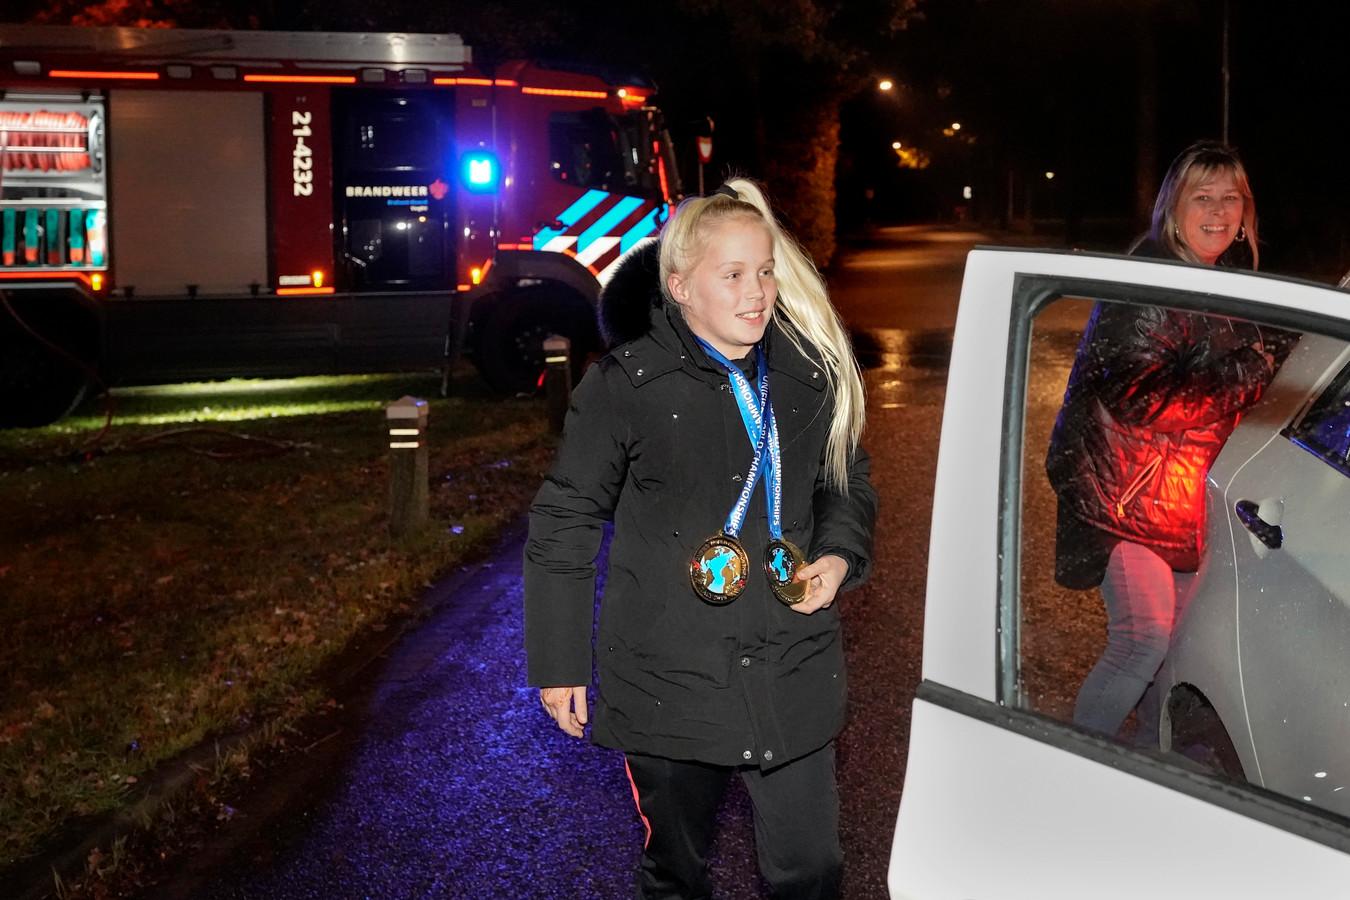 Wereldkampioene kickboksen en lid van de brandweer Roxanne Kivits wordt feestelijk ontvangen door de brandweer.